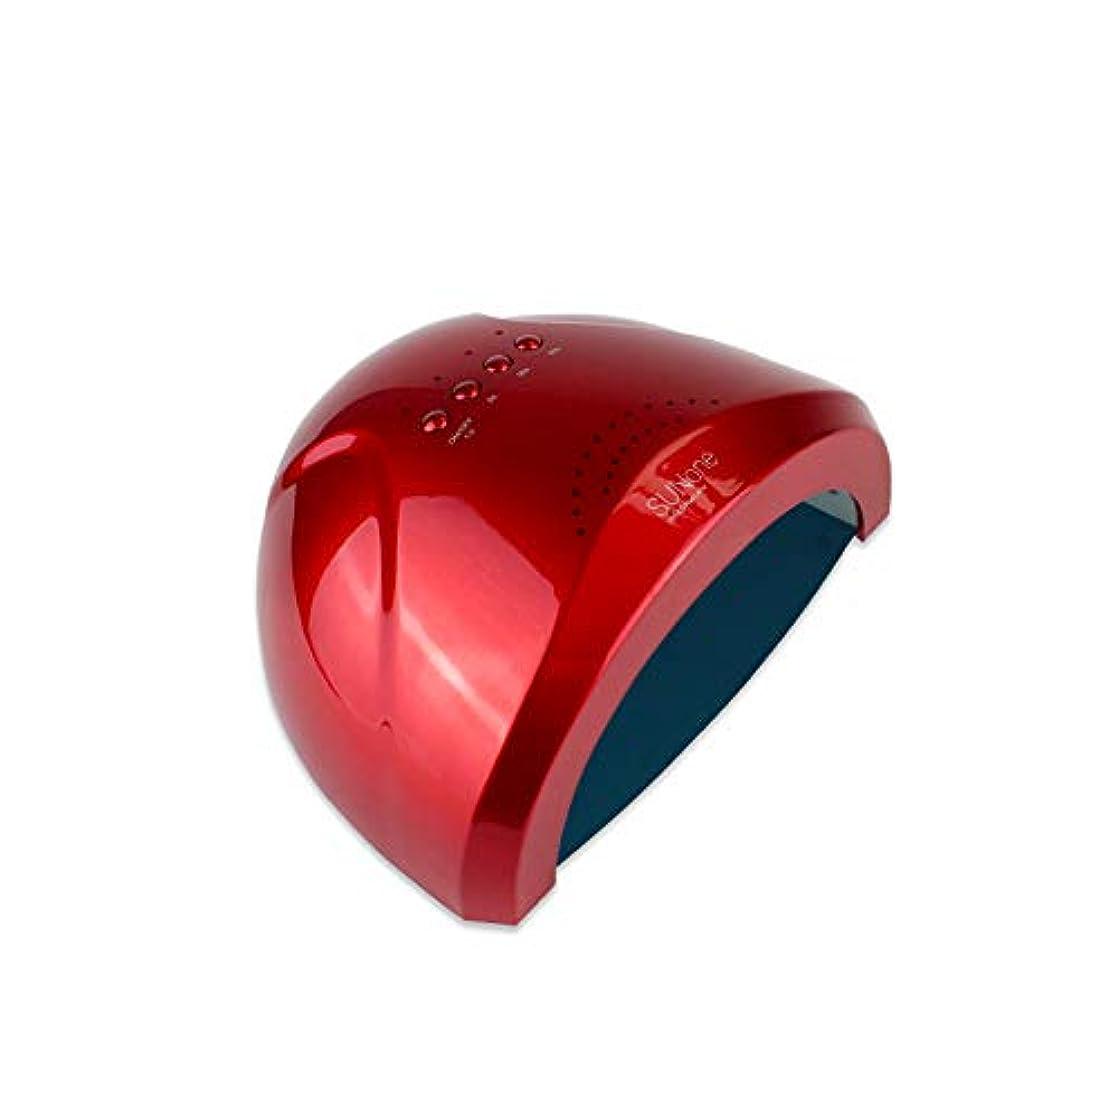 のぞき穴召集する糞LEDネイル光線療法機、ホームインテリジェントセンサー多機能リムーバブルネイルキュアマシン、デュアルソースネイルポリッシャー、ホテル/家族/ホテルに適しています